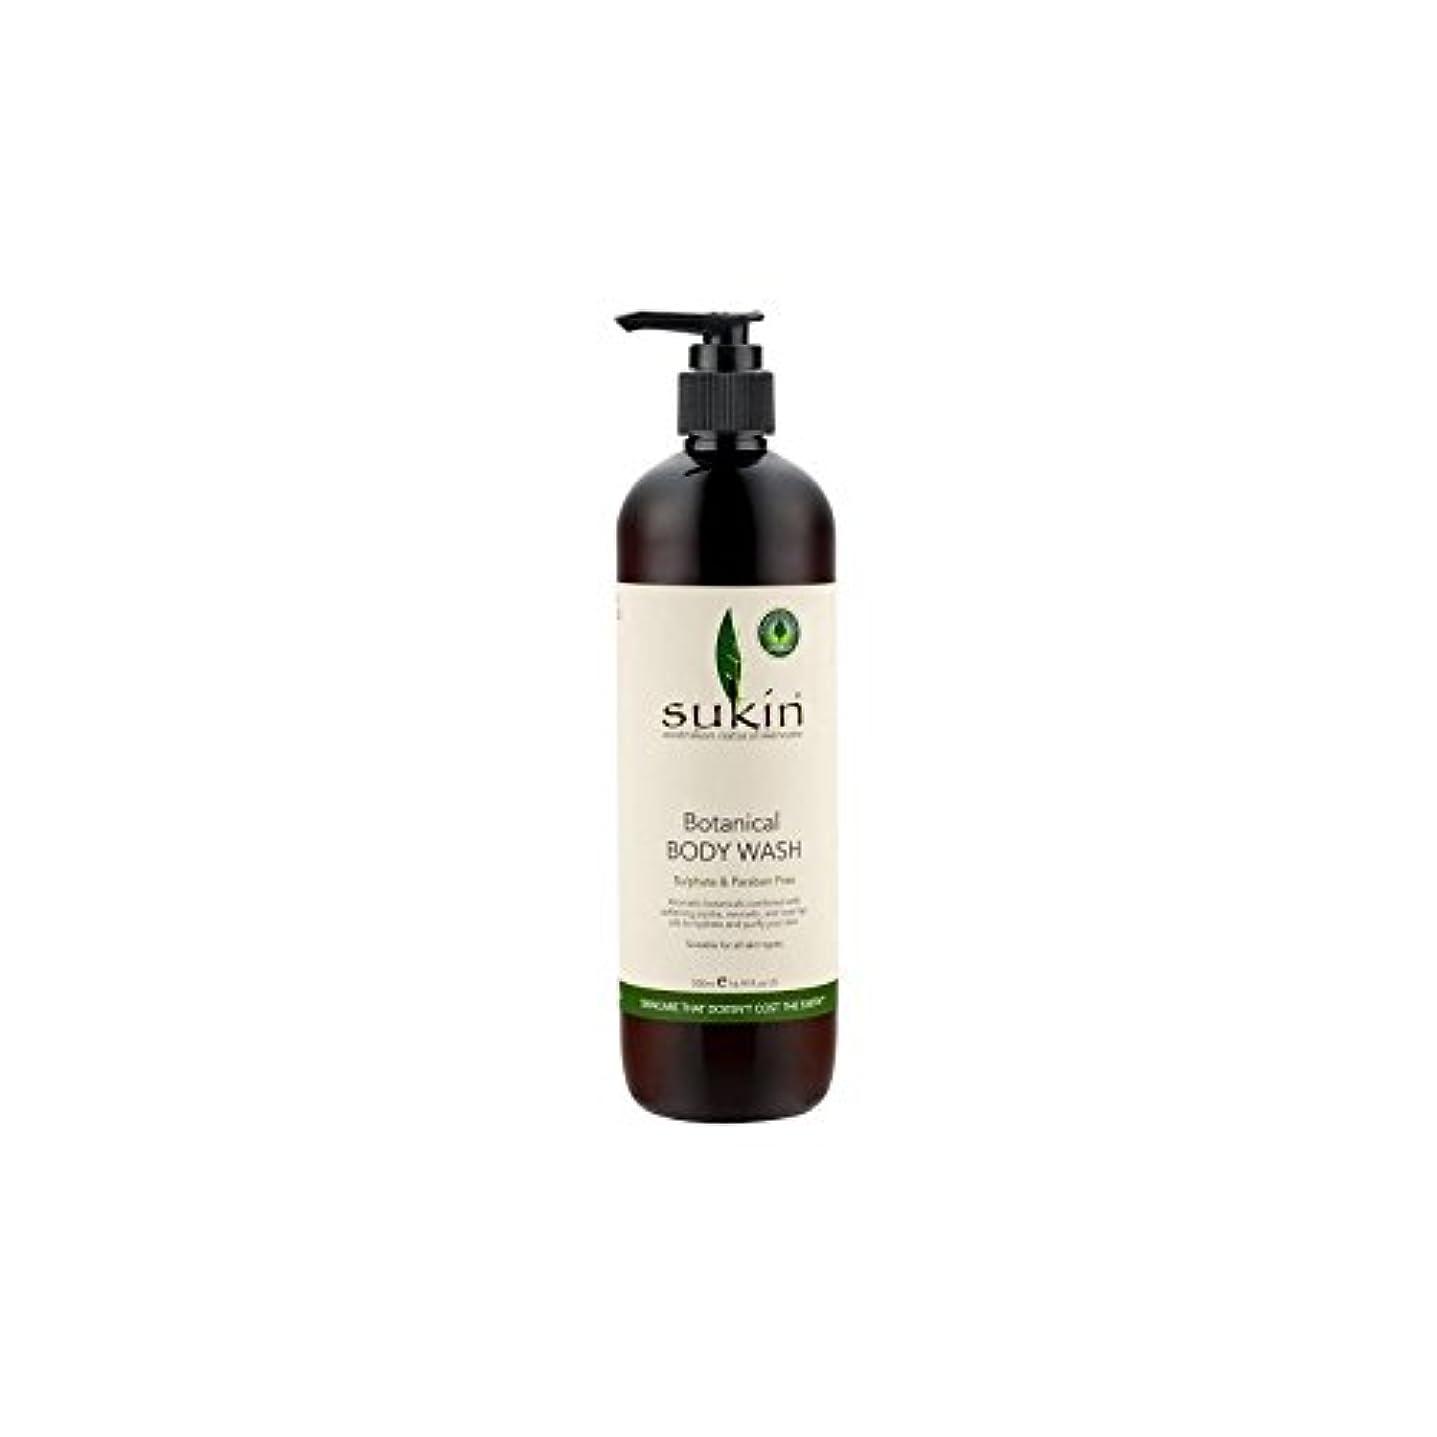 植物ボディウォッシュ(500ミリリットル) x2 - Sukin Botanical Body Wash (500ml) (Pack of 2) [並行輸入品]